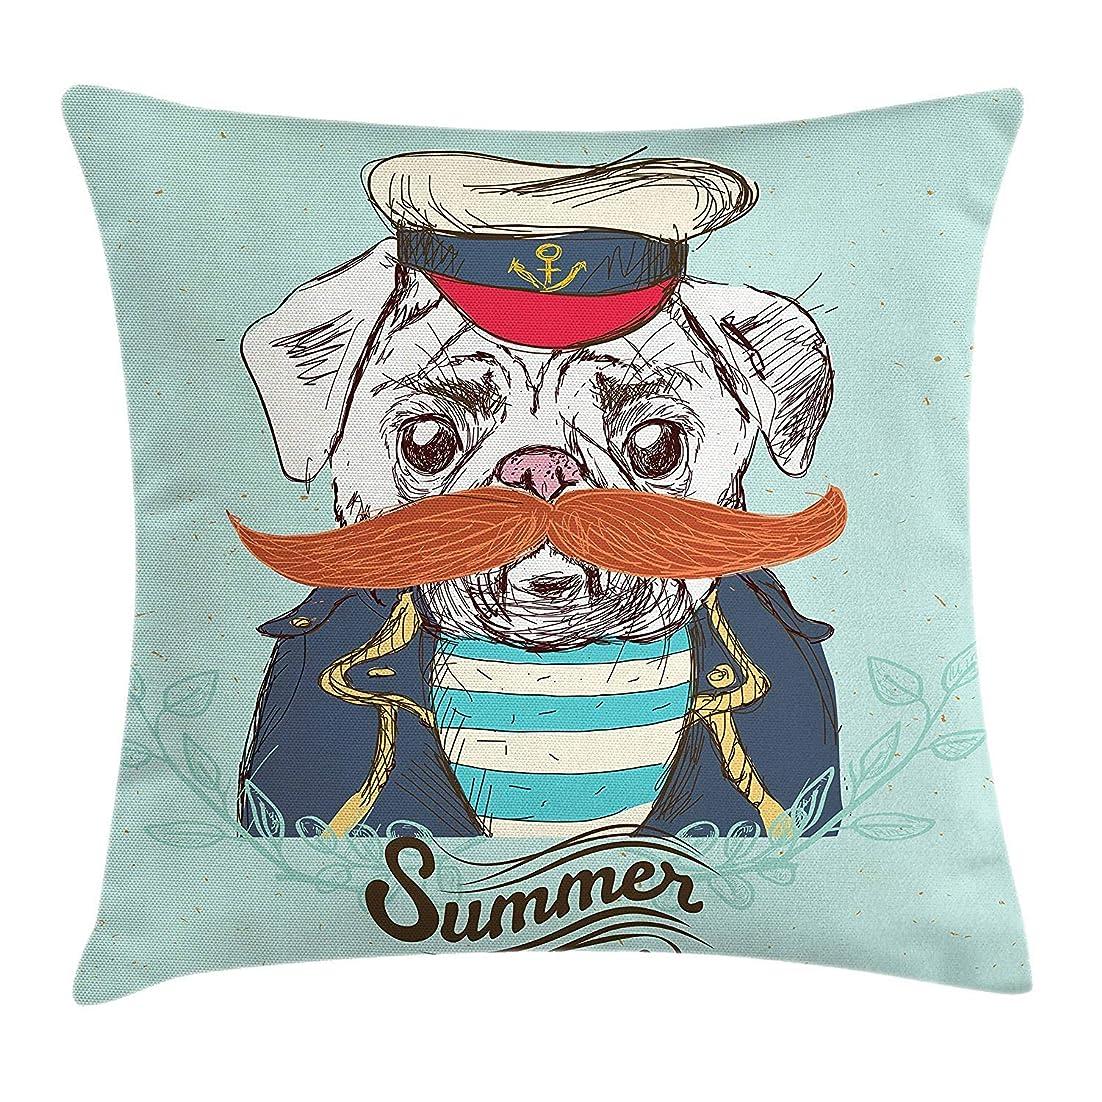 国際介入する代表するPug Throw Pillow Cushion Cover, Captain Dog with Hat Mustache Jacket and Shirt Cute Animal Funny Image, Decorative Square Accent Pillow Case,Navy Blue Pale Blue Orange Size:16 X 16 Inches/40cm x 40cm